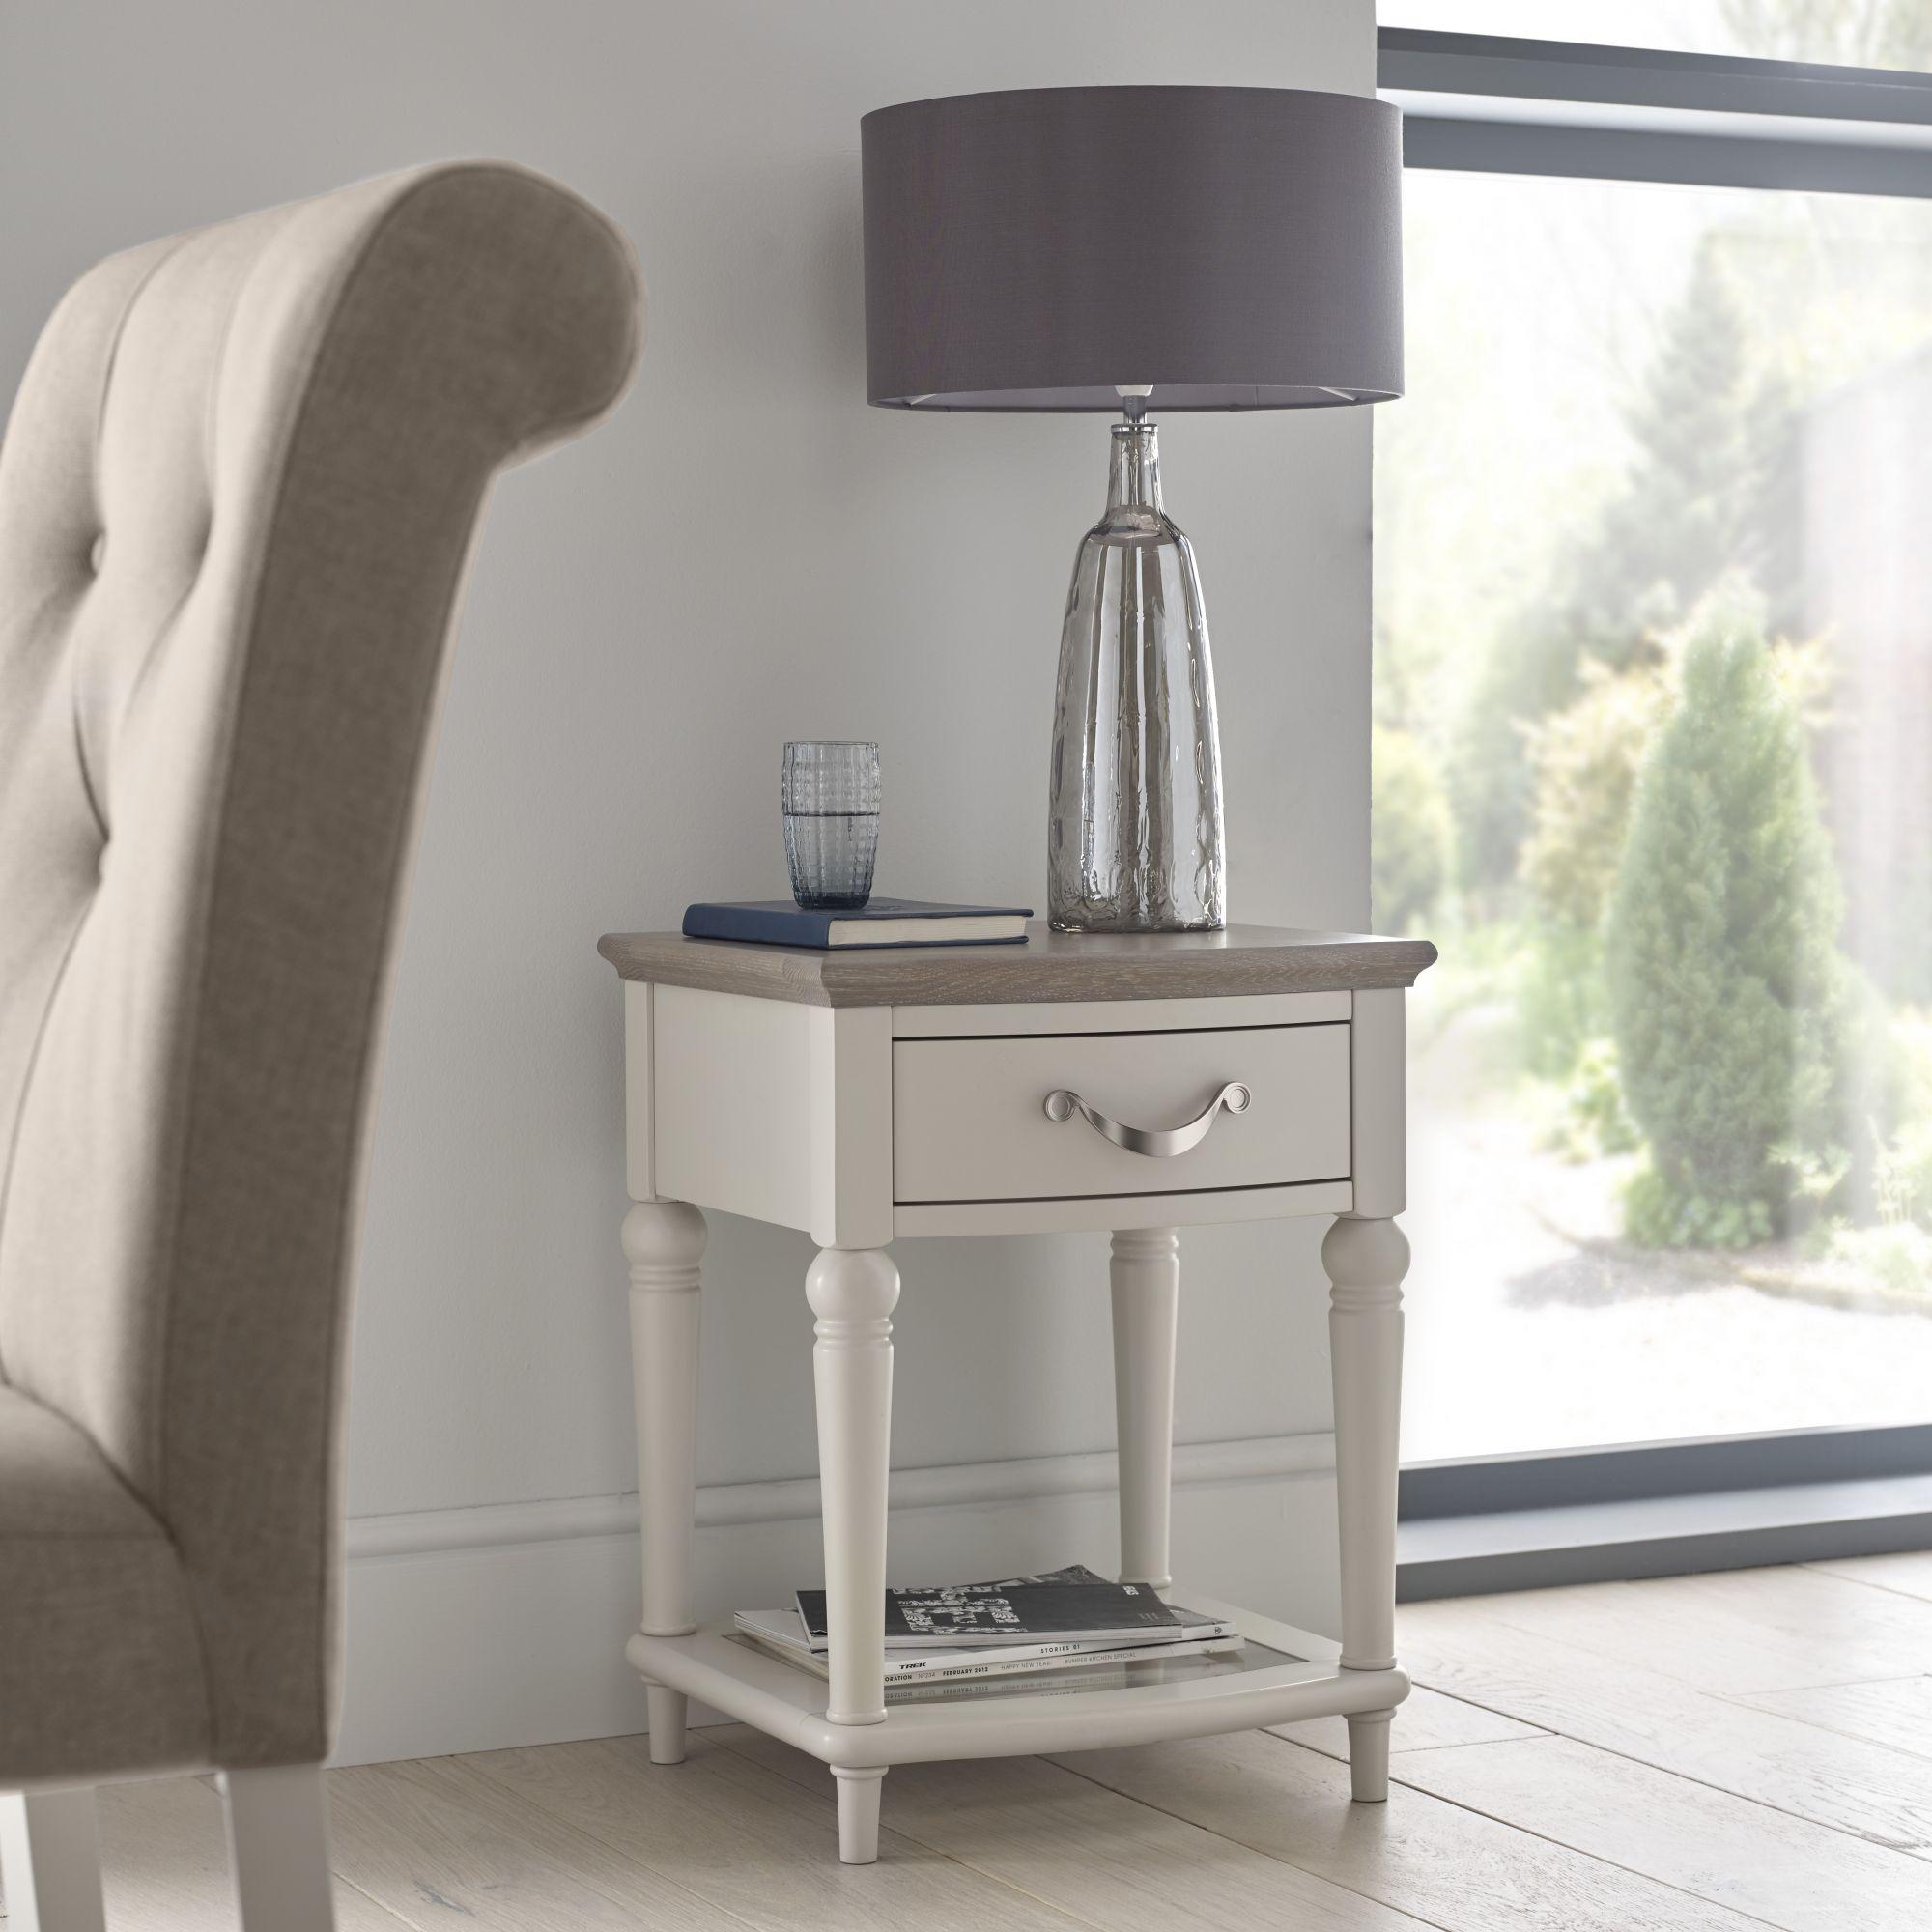 MONICA GREY LAMP TABLE - L45cm x D44cm x H57cm